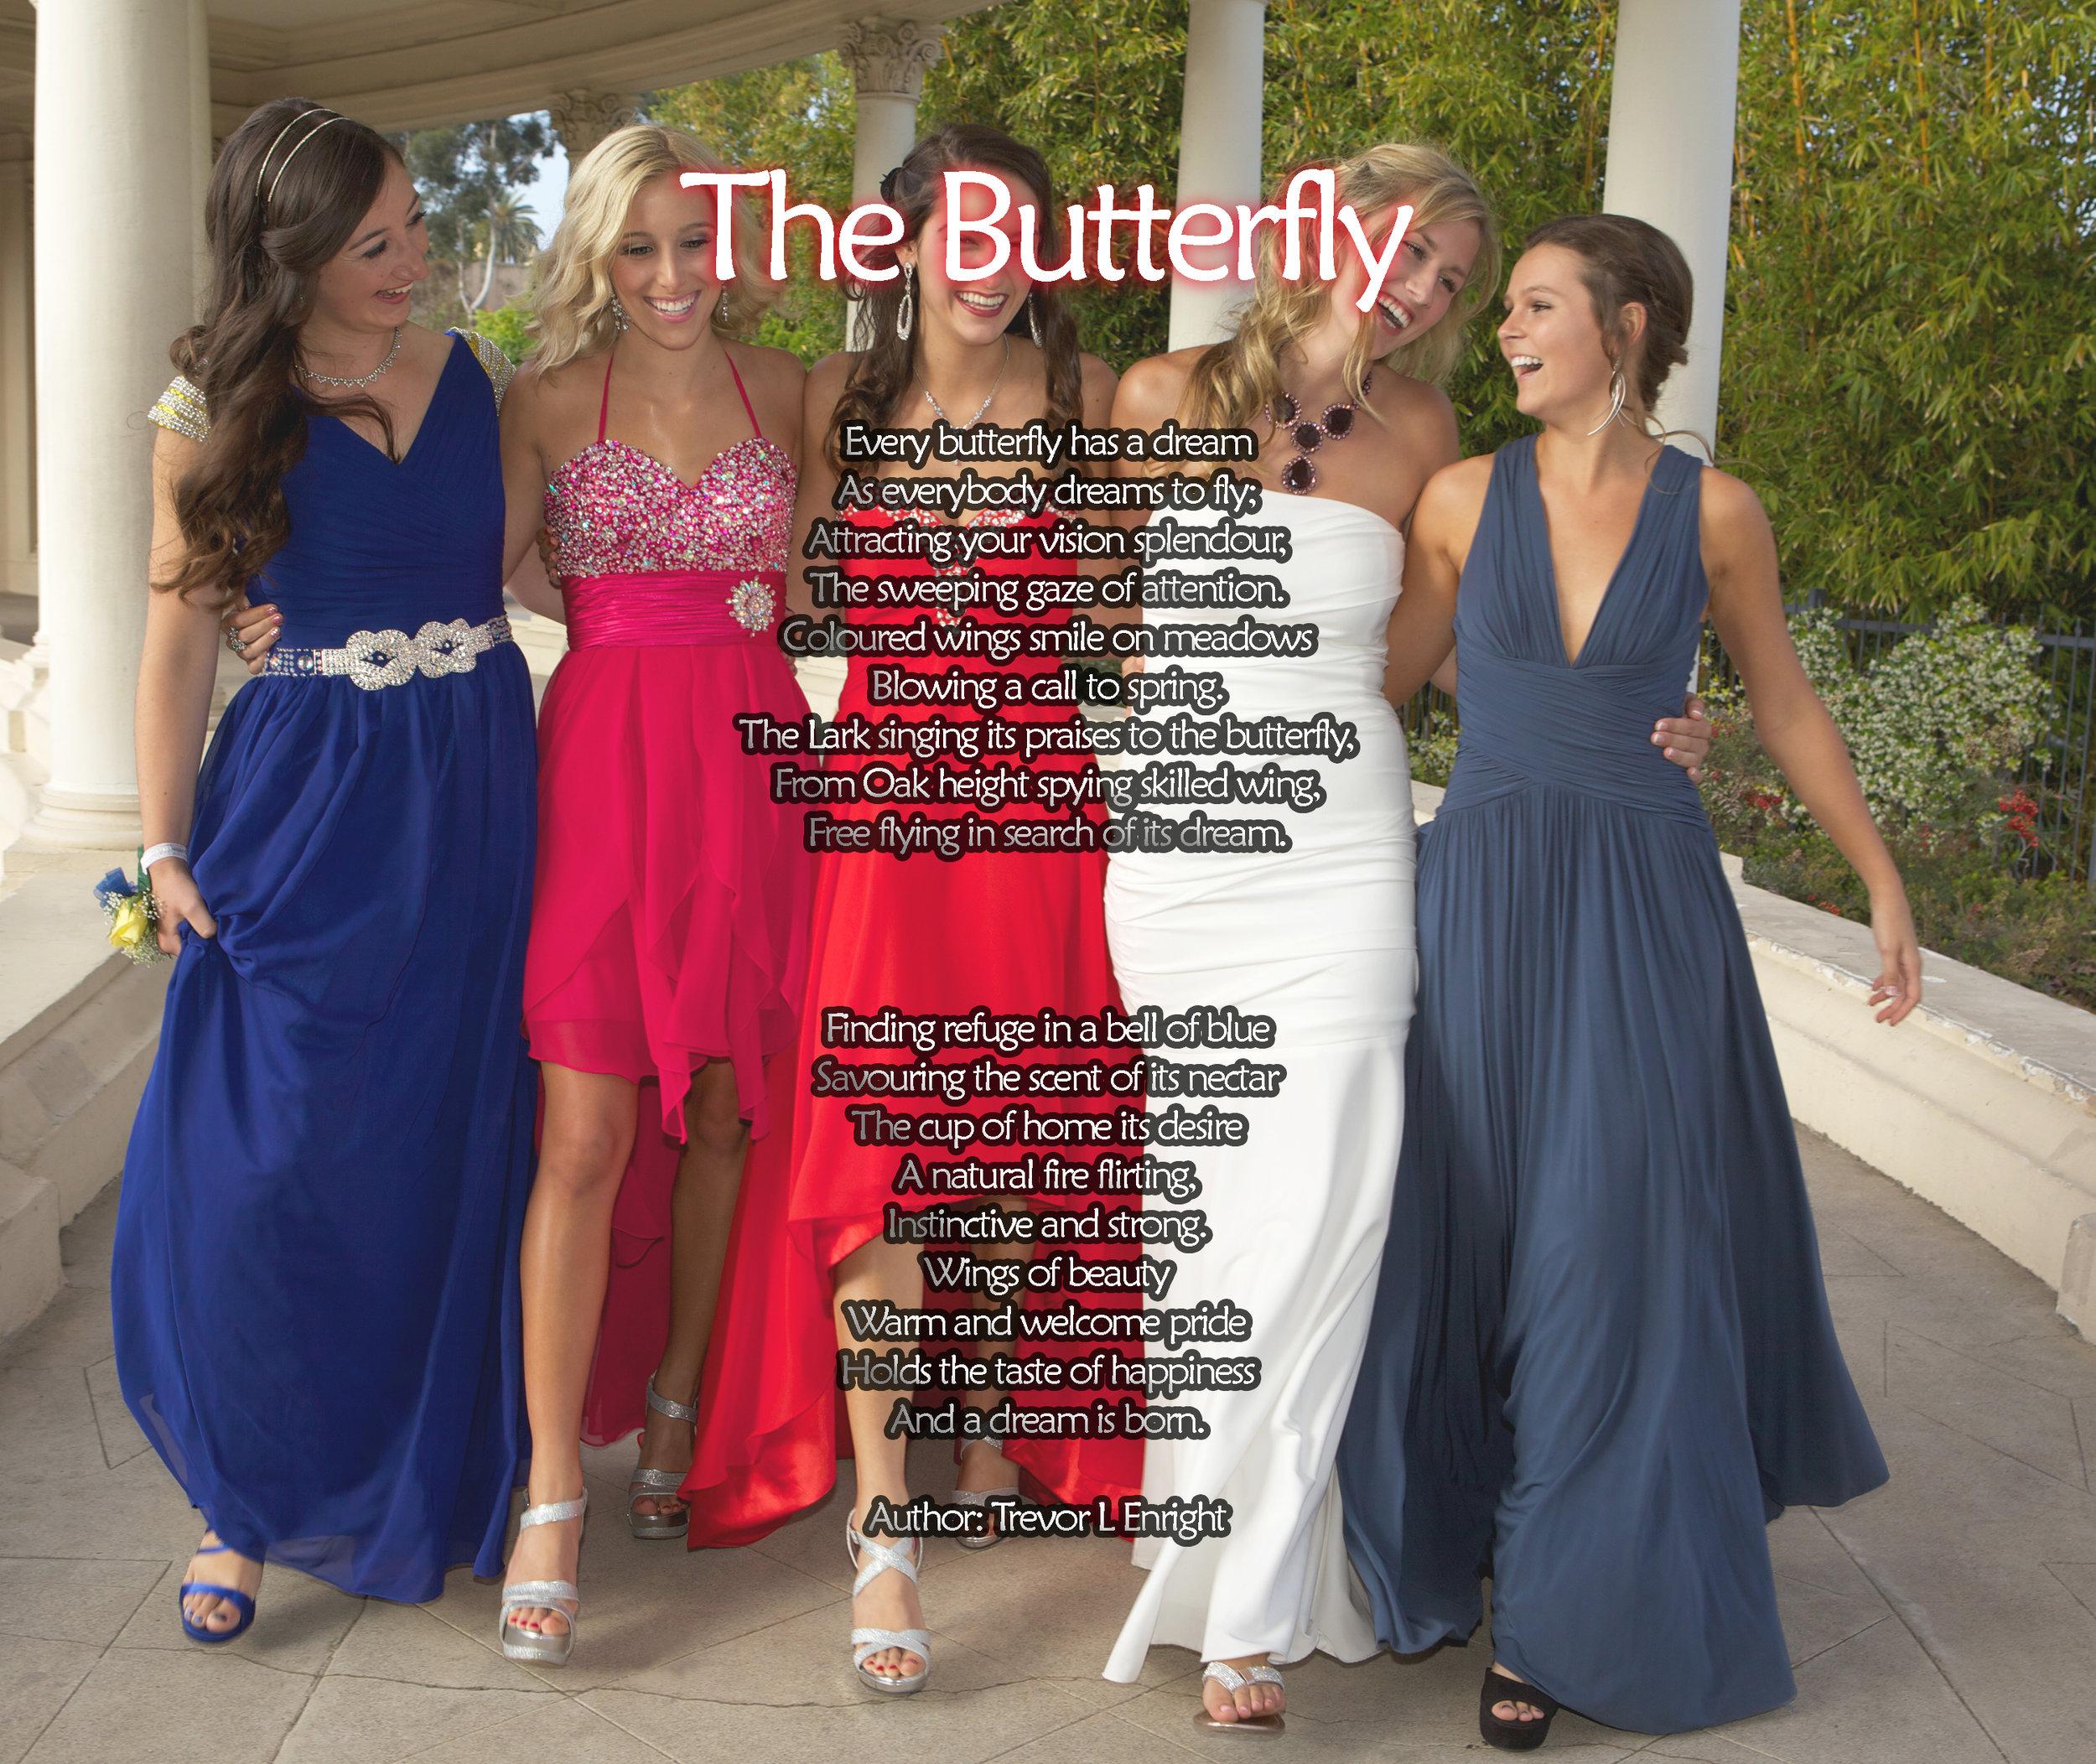 TheButterfly.jpg